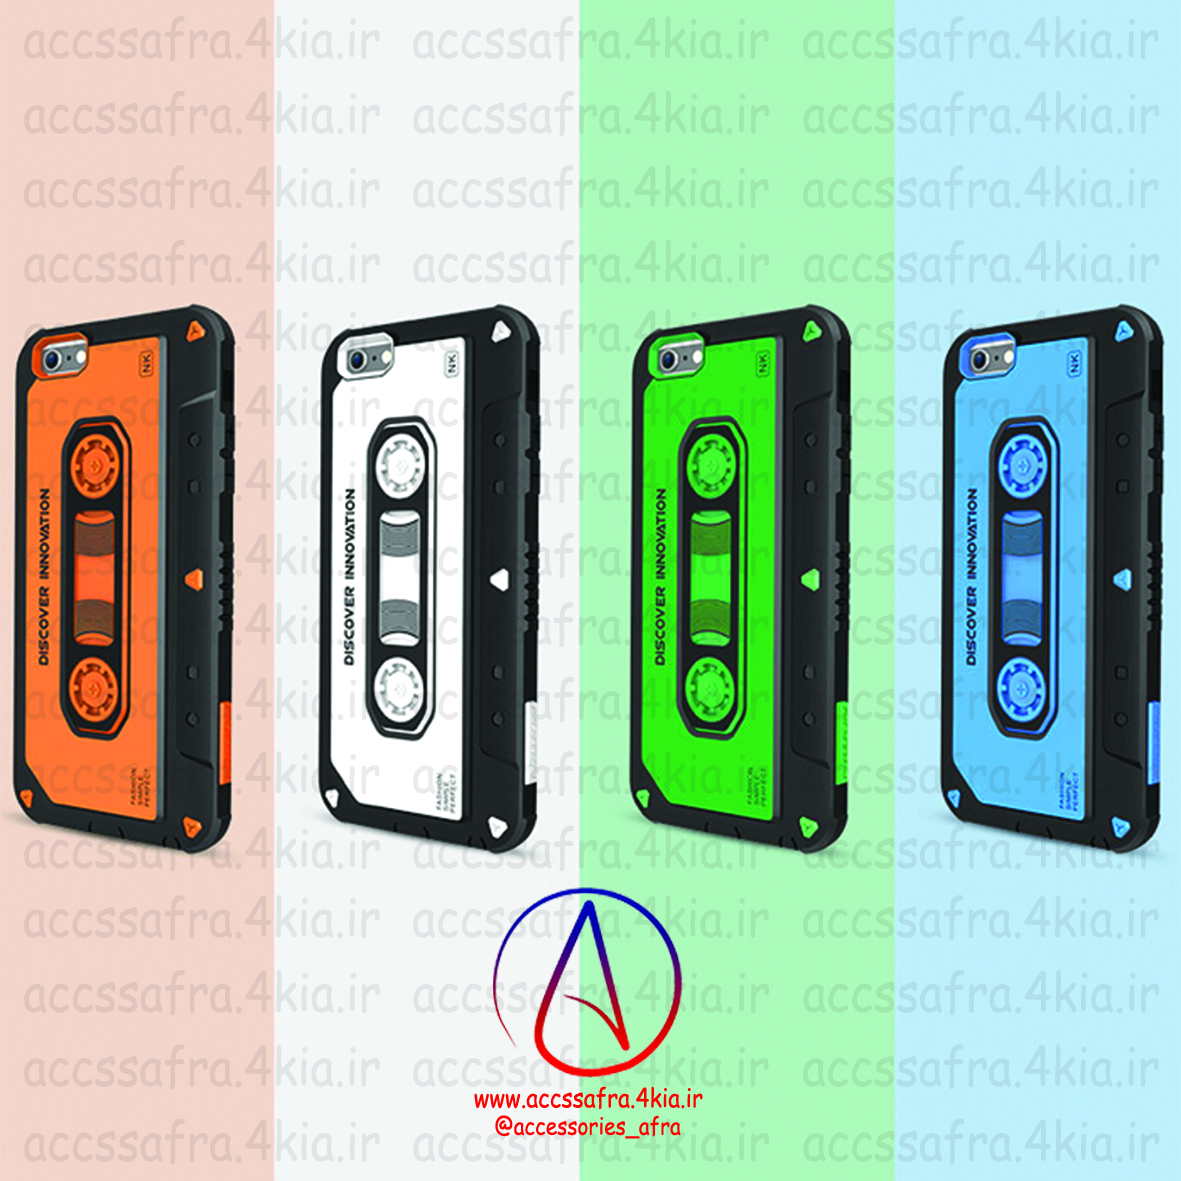 قاب محافظ نیلکین آیفون Nillkin Music Protective Case iPhone 6 Plus/ 6S Plus